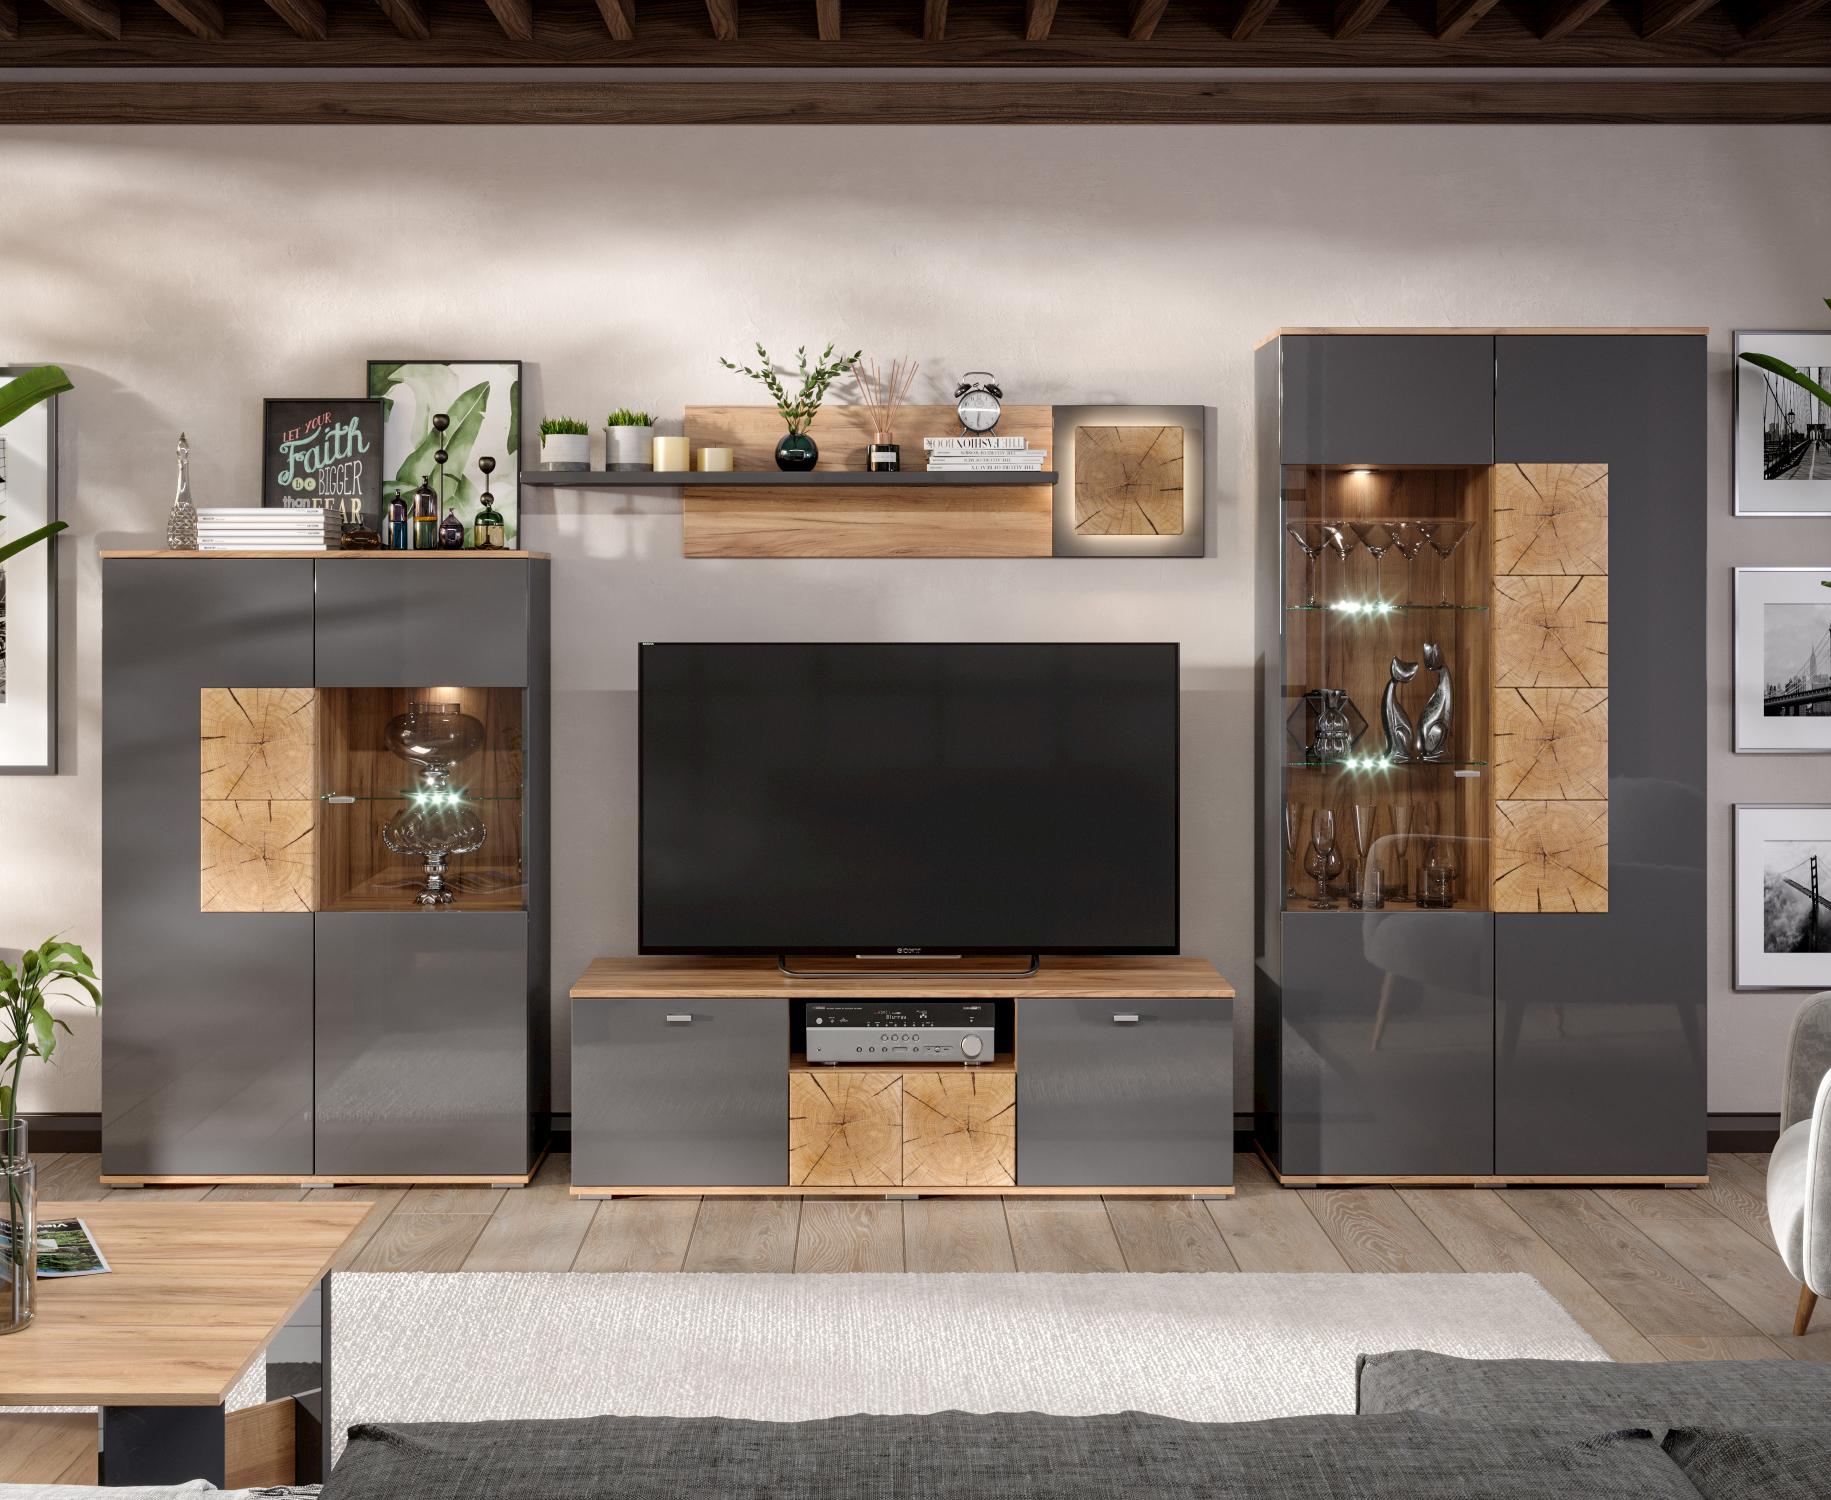 Graues Wohnwand Set bestehend aus Vitrinenschränken, Lowboard, und Wandregal.